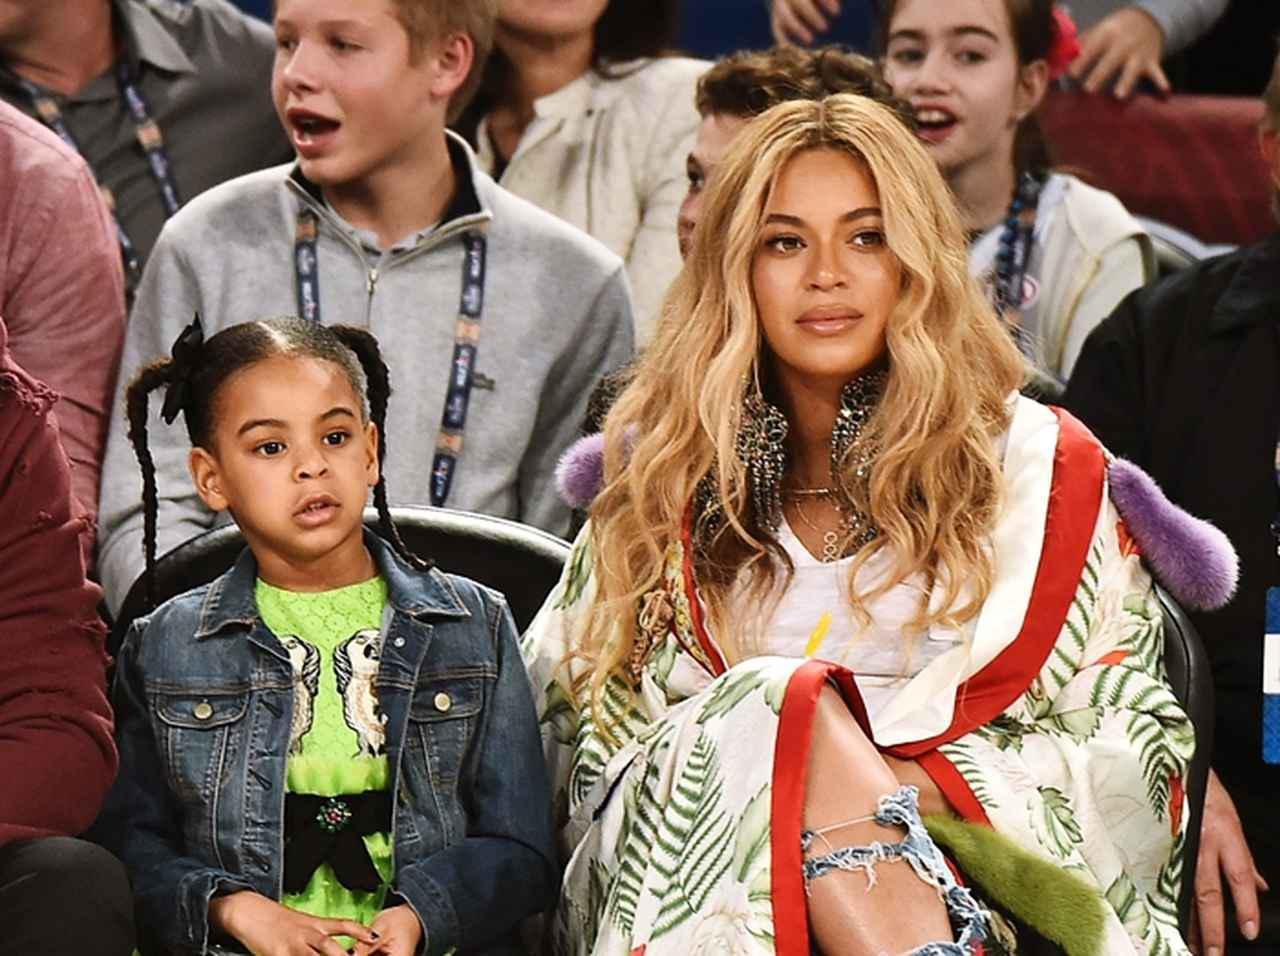 画像: ビヨンセ、総資産350億円超のスーパースターが娘に教える「成功の極意」 - フロントロウ -海外セレブ情報を発信